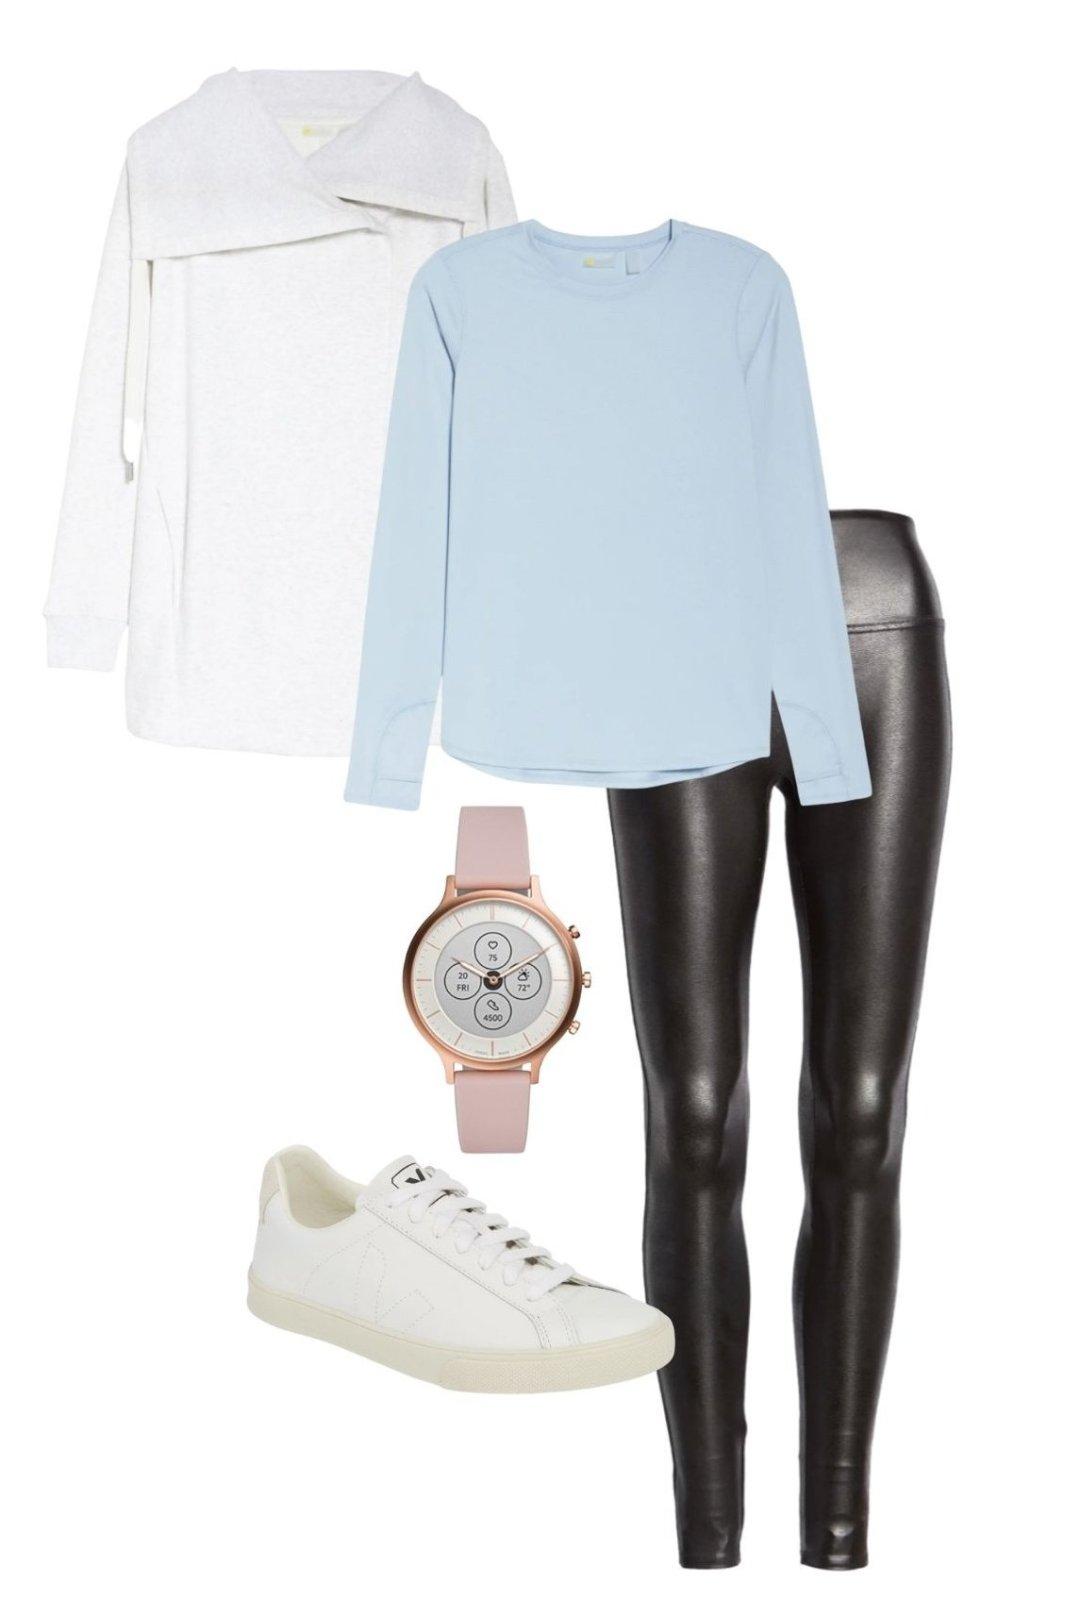 Jacket | Top | Leggings | Watch | Shoes